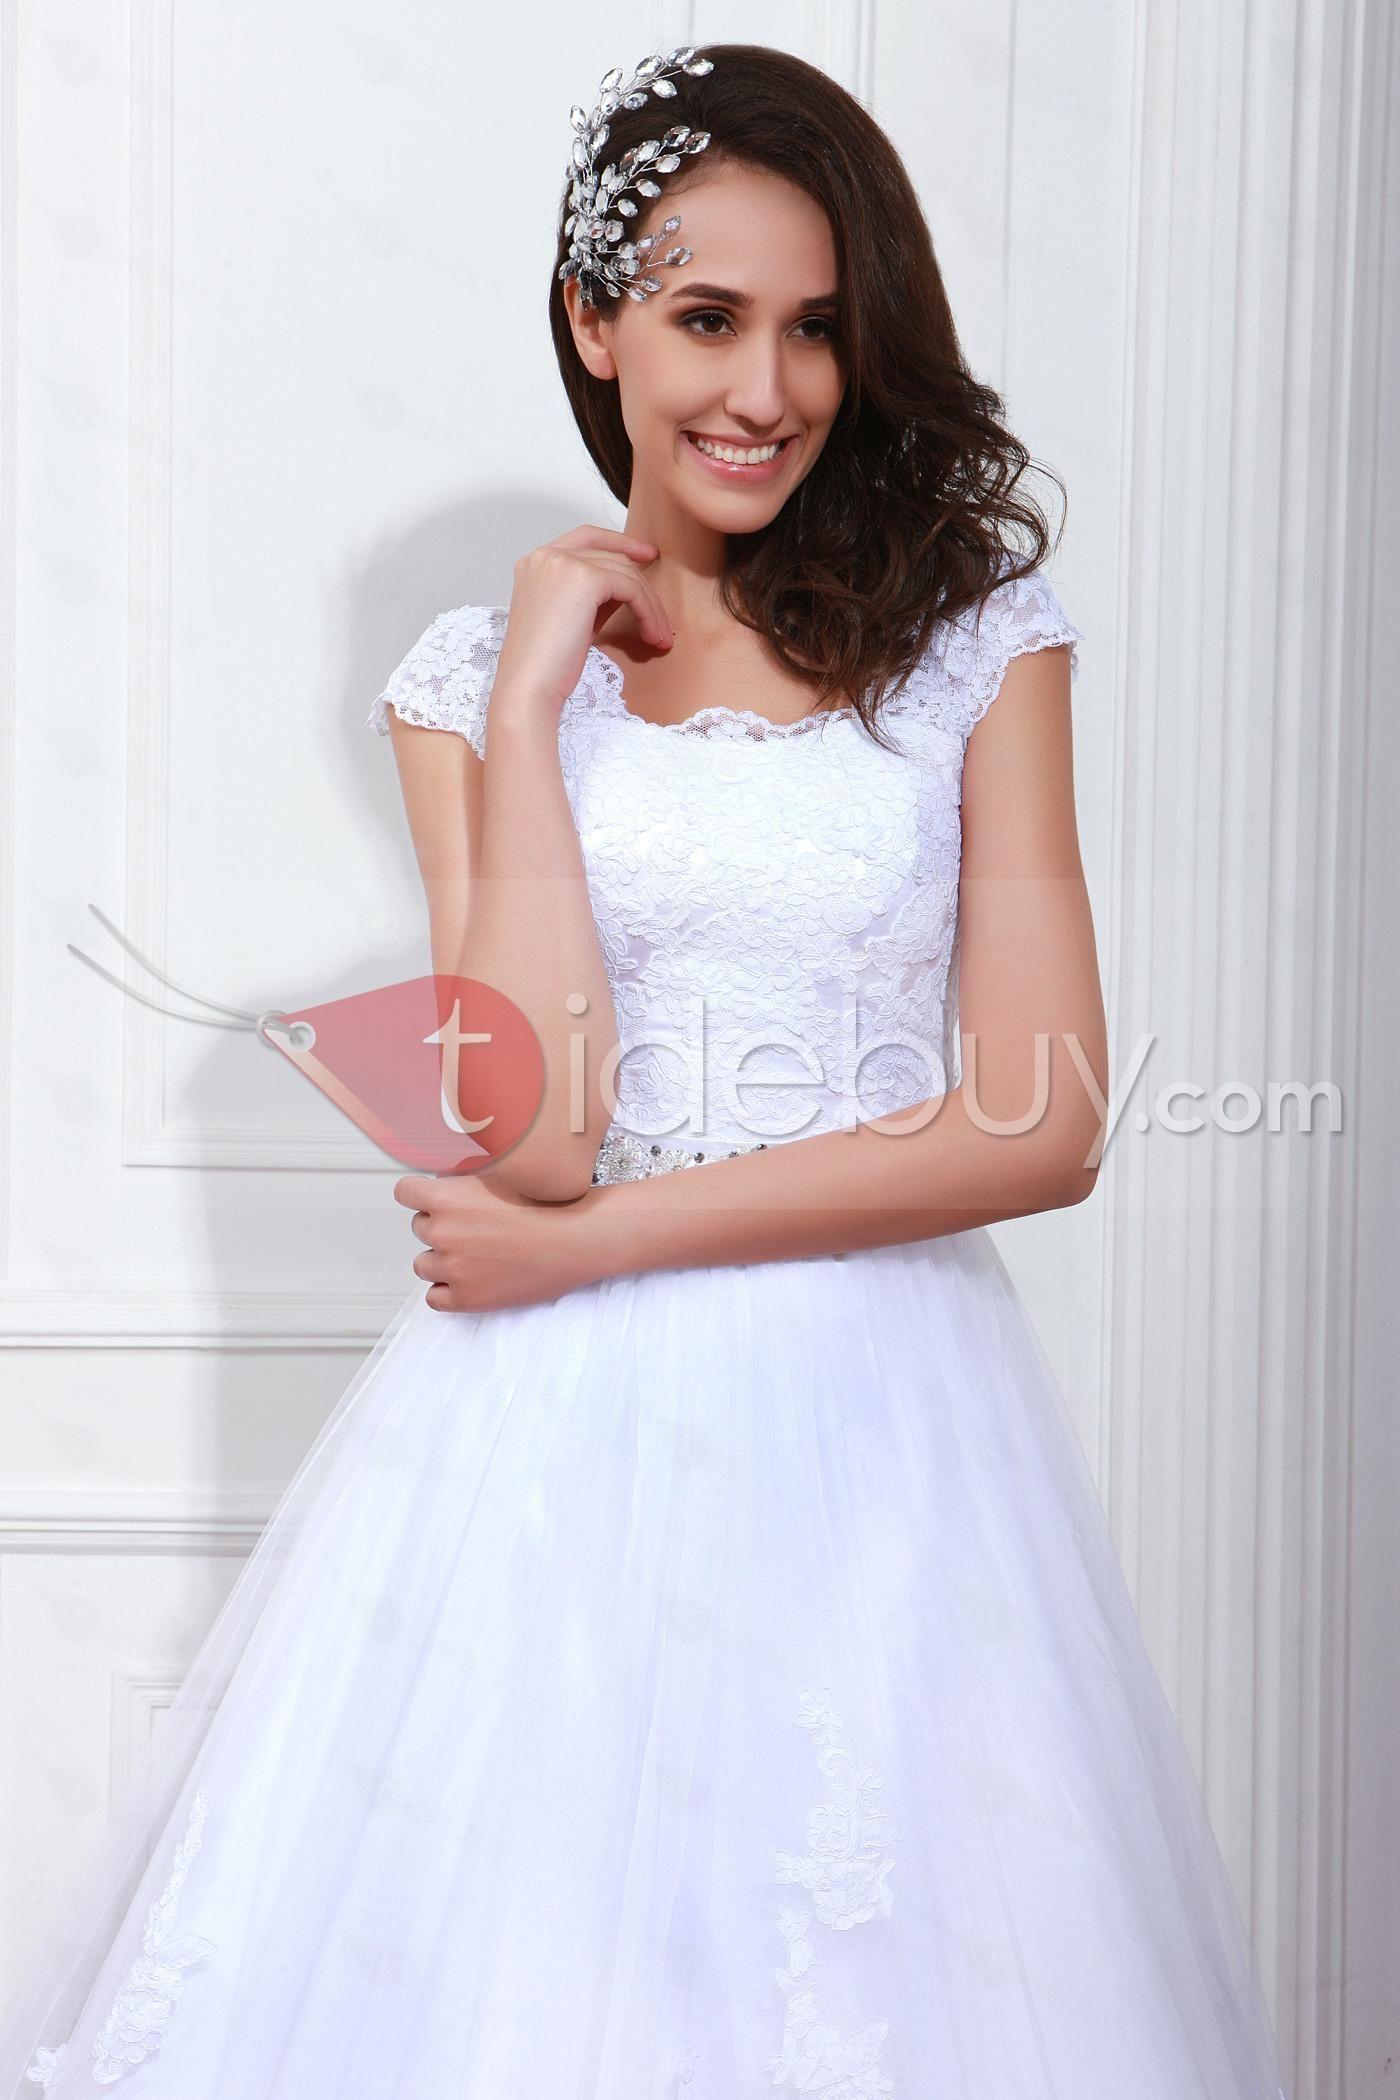 Gorgeous aline floorlength renataus square neckline wedding dress